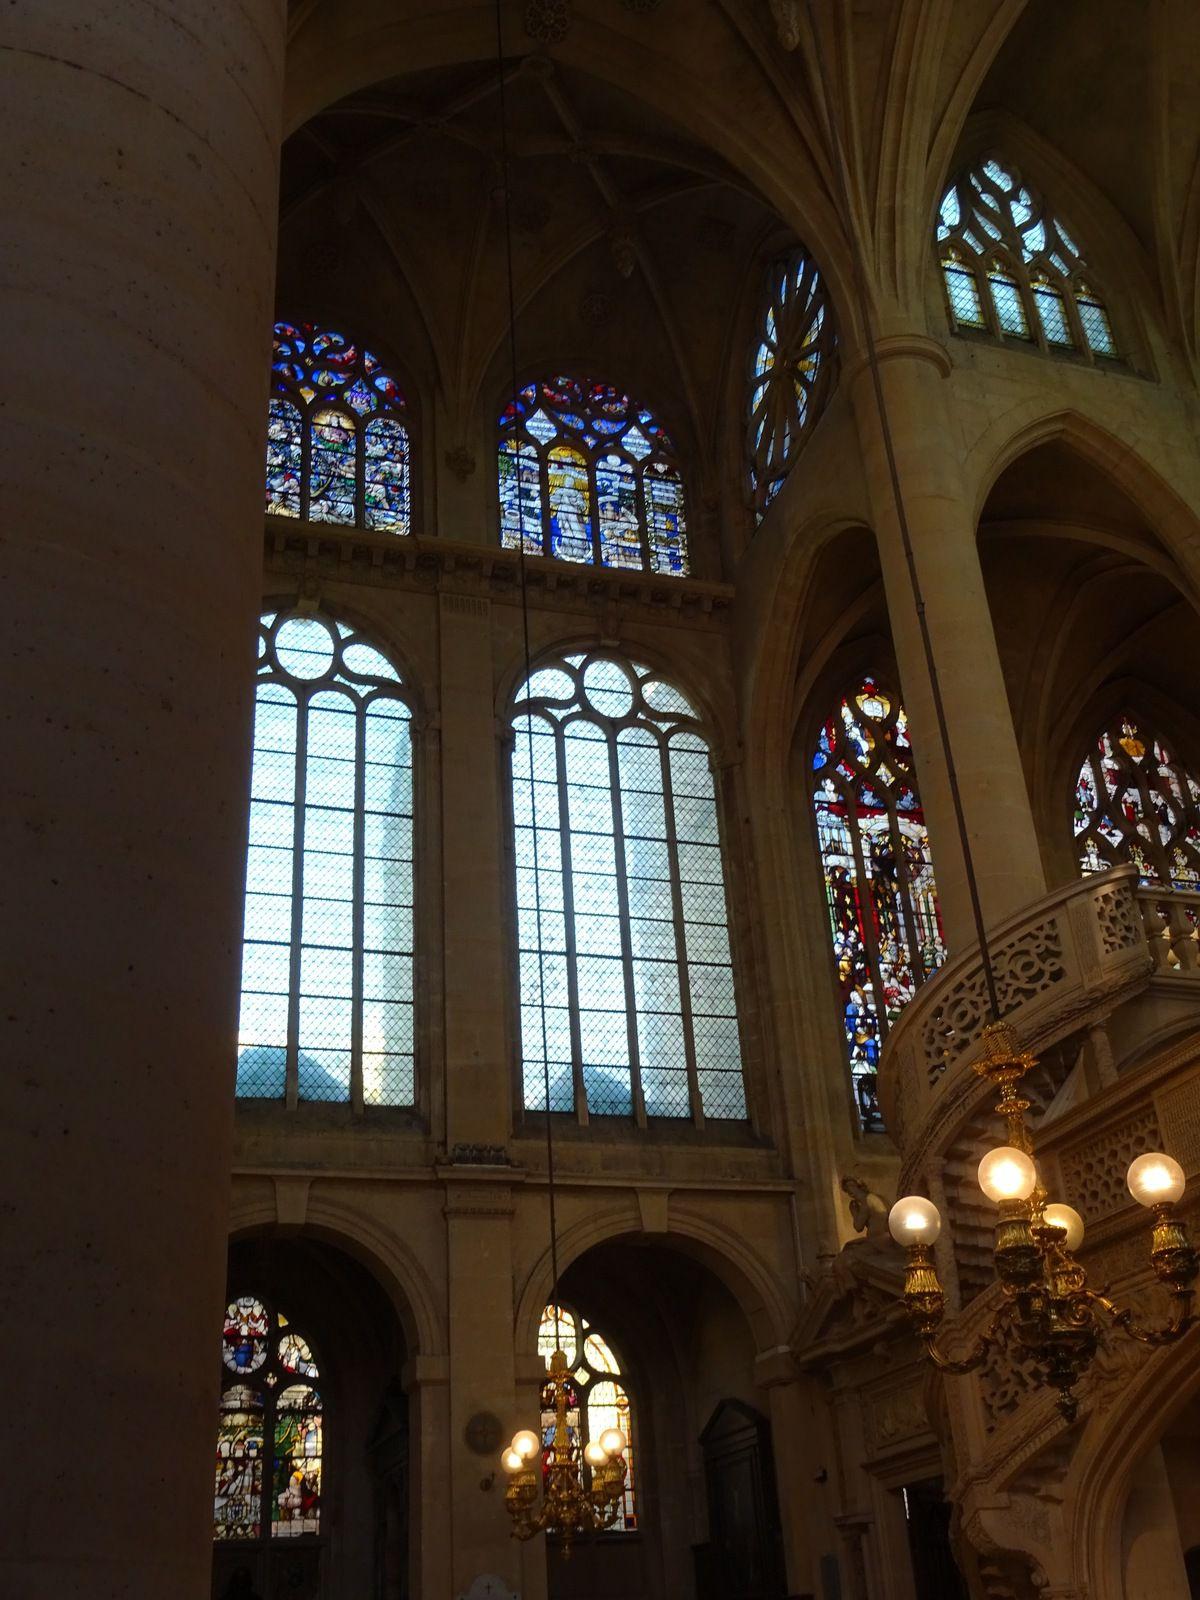 église Saint Etienne du Mont - Sainte geneviève